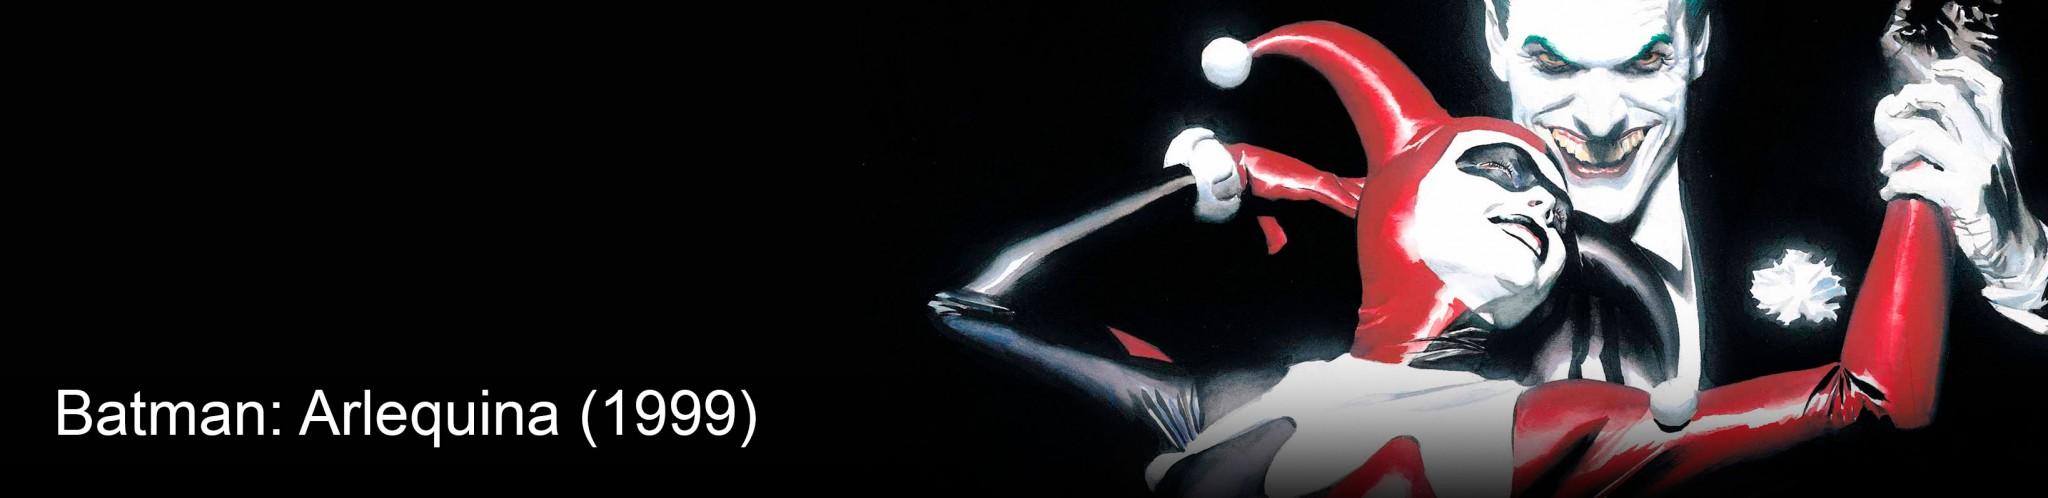 batman-harley-quinn-1999